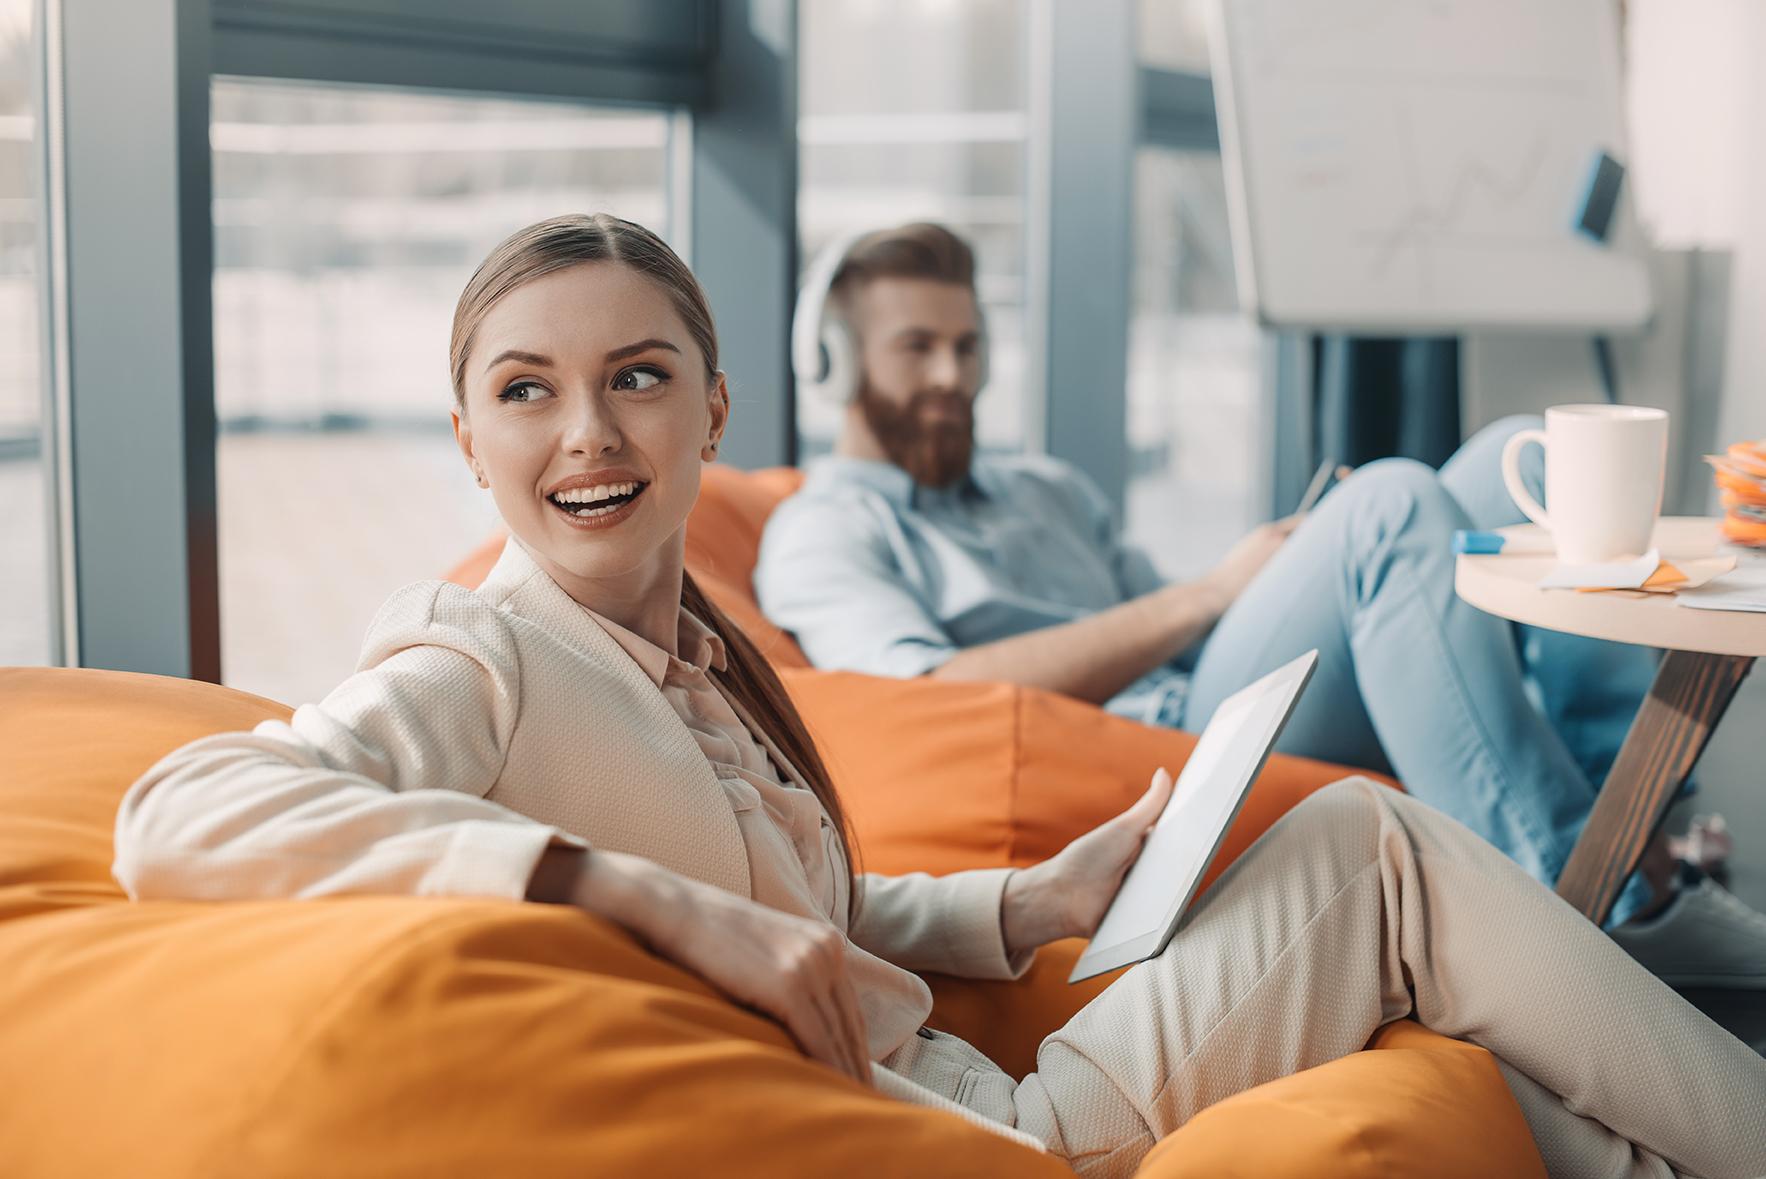 Como identificar a satisfação de clientes